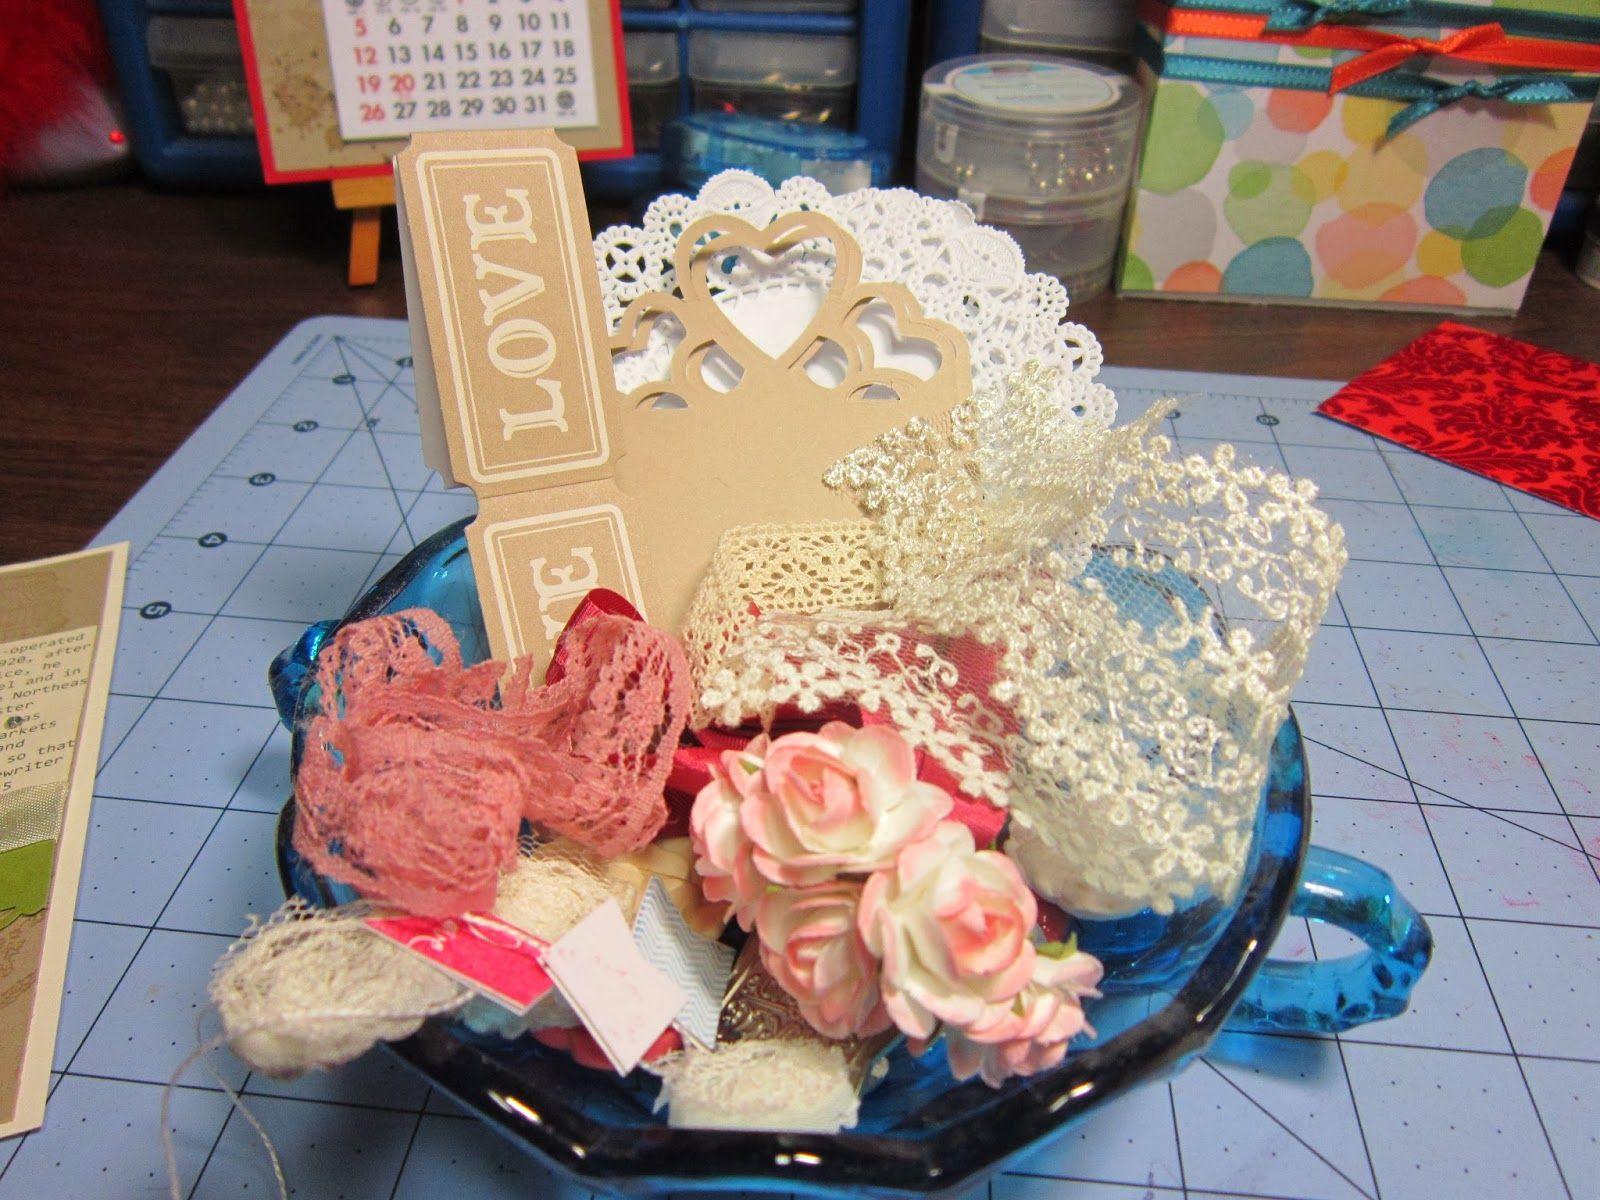 Krafting with Karen: Artisan Embellishment Kit put to Use!